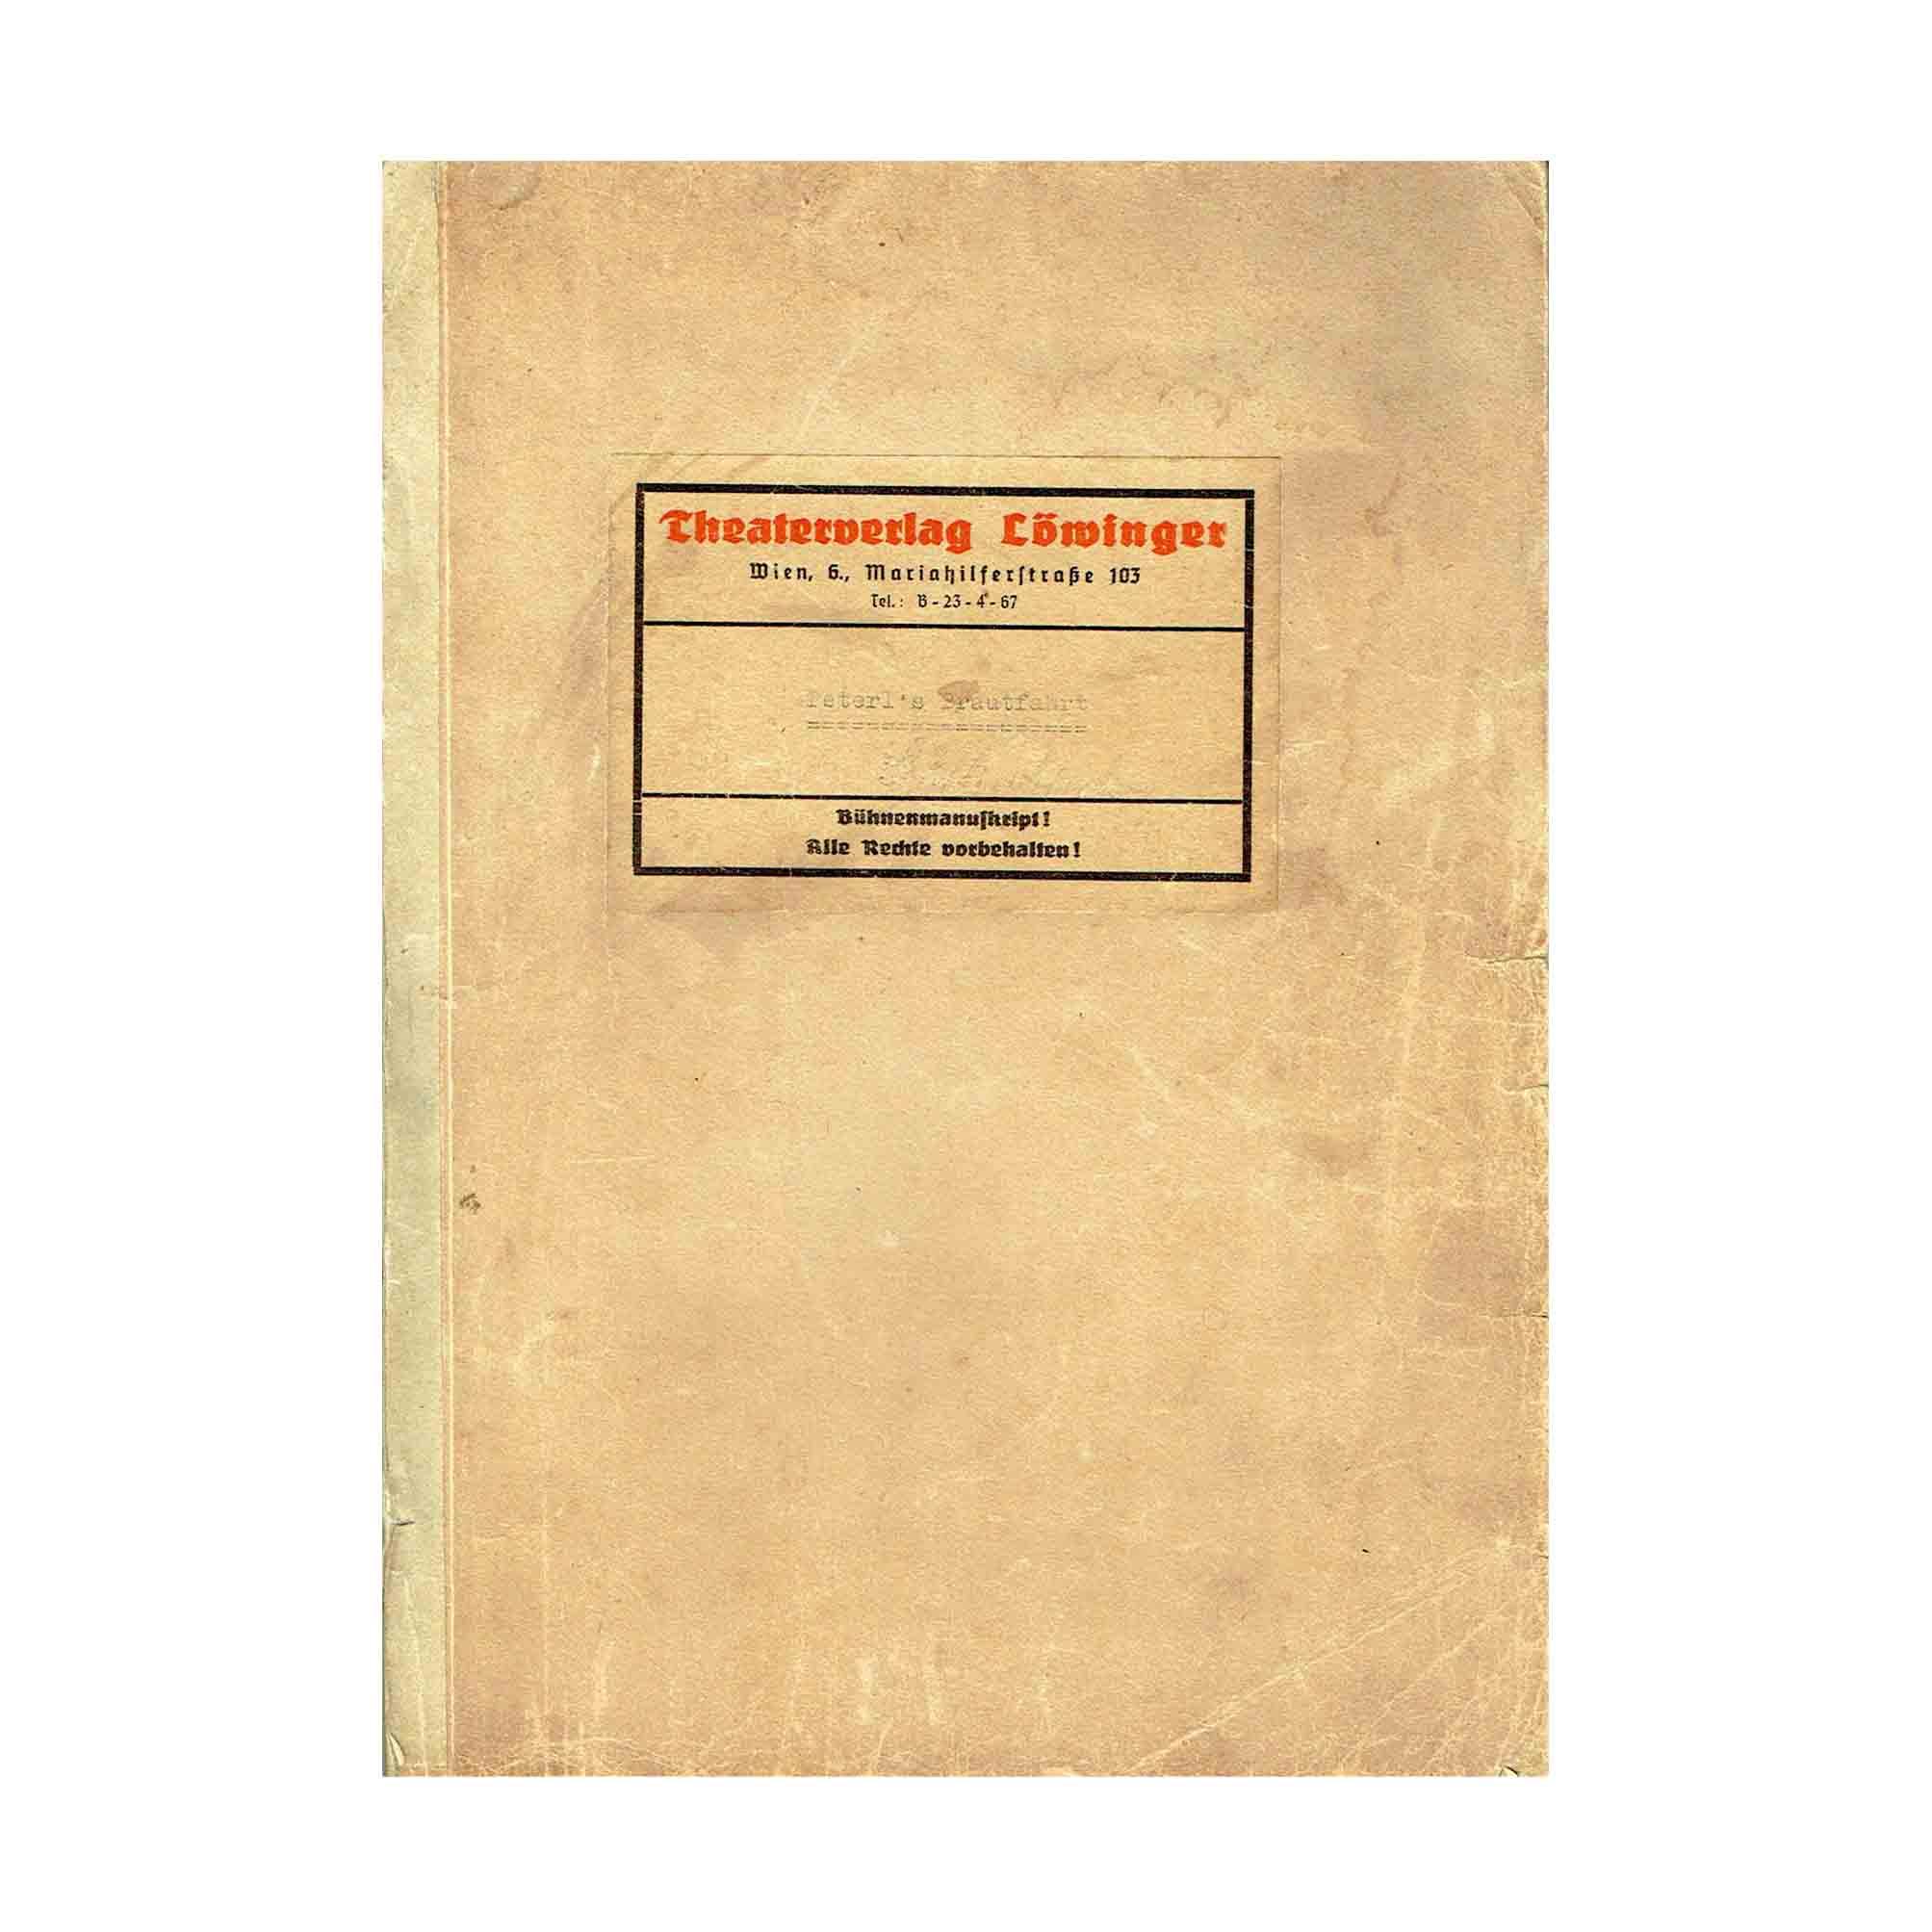 5957 Löwinger Peterls Brautfahrt 1934 Soufflierbuch Umschlag N